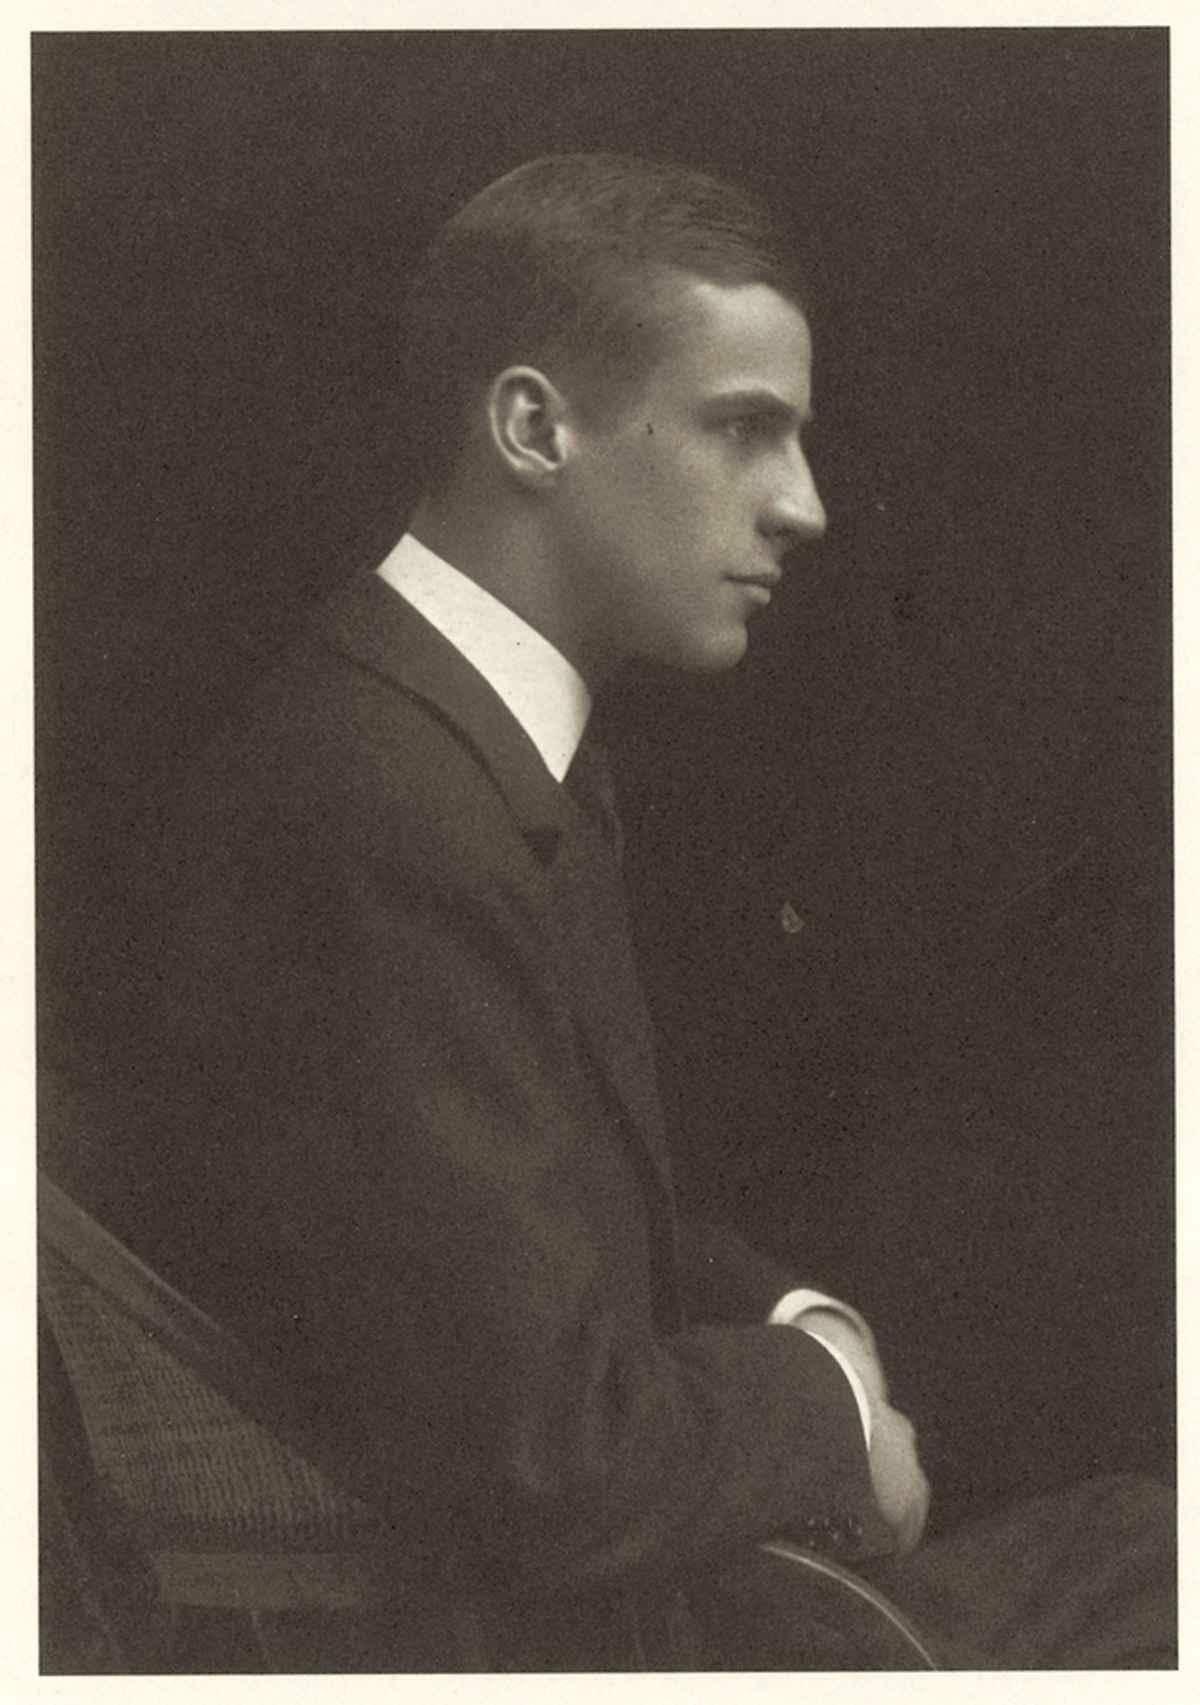 John F. Folinsbee